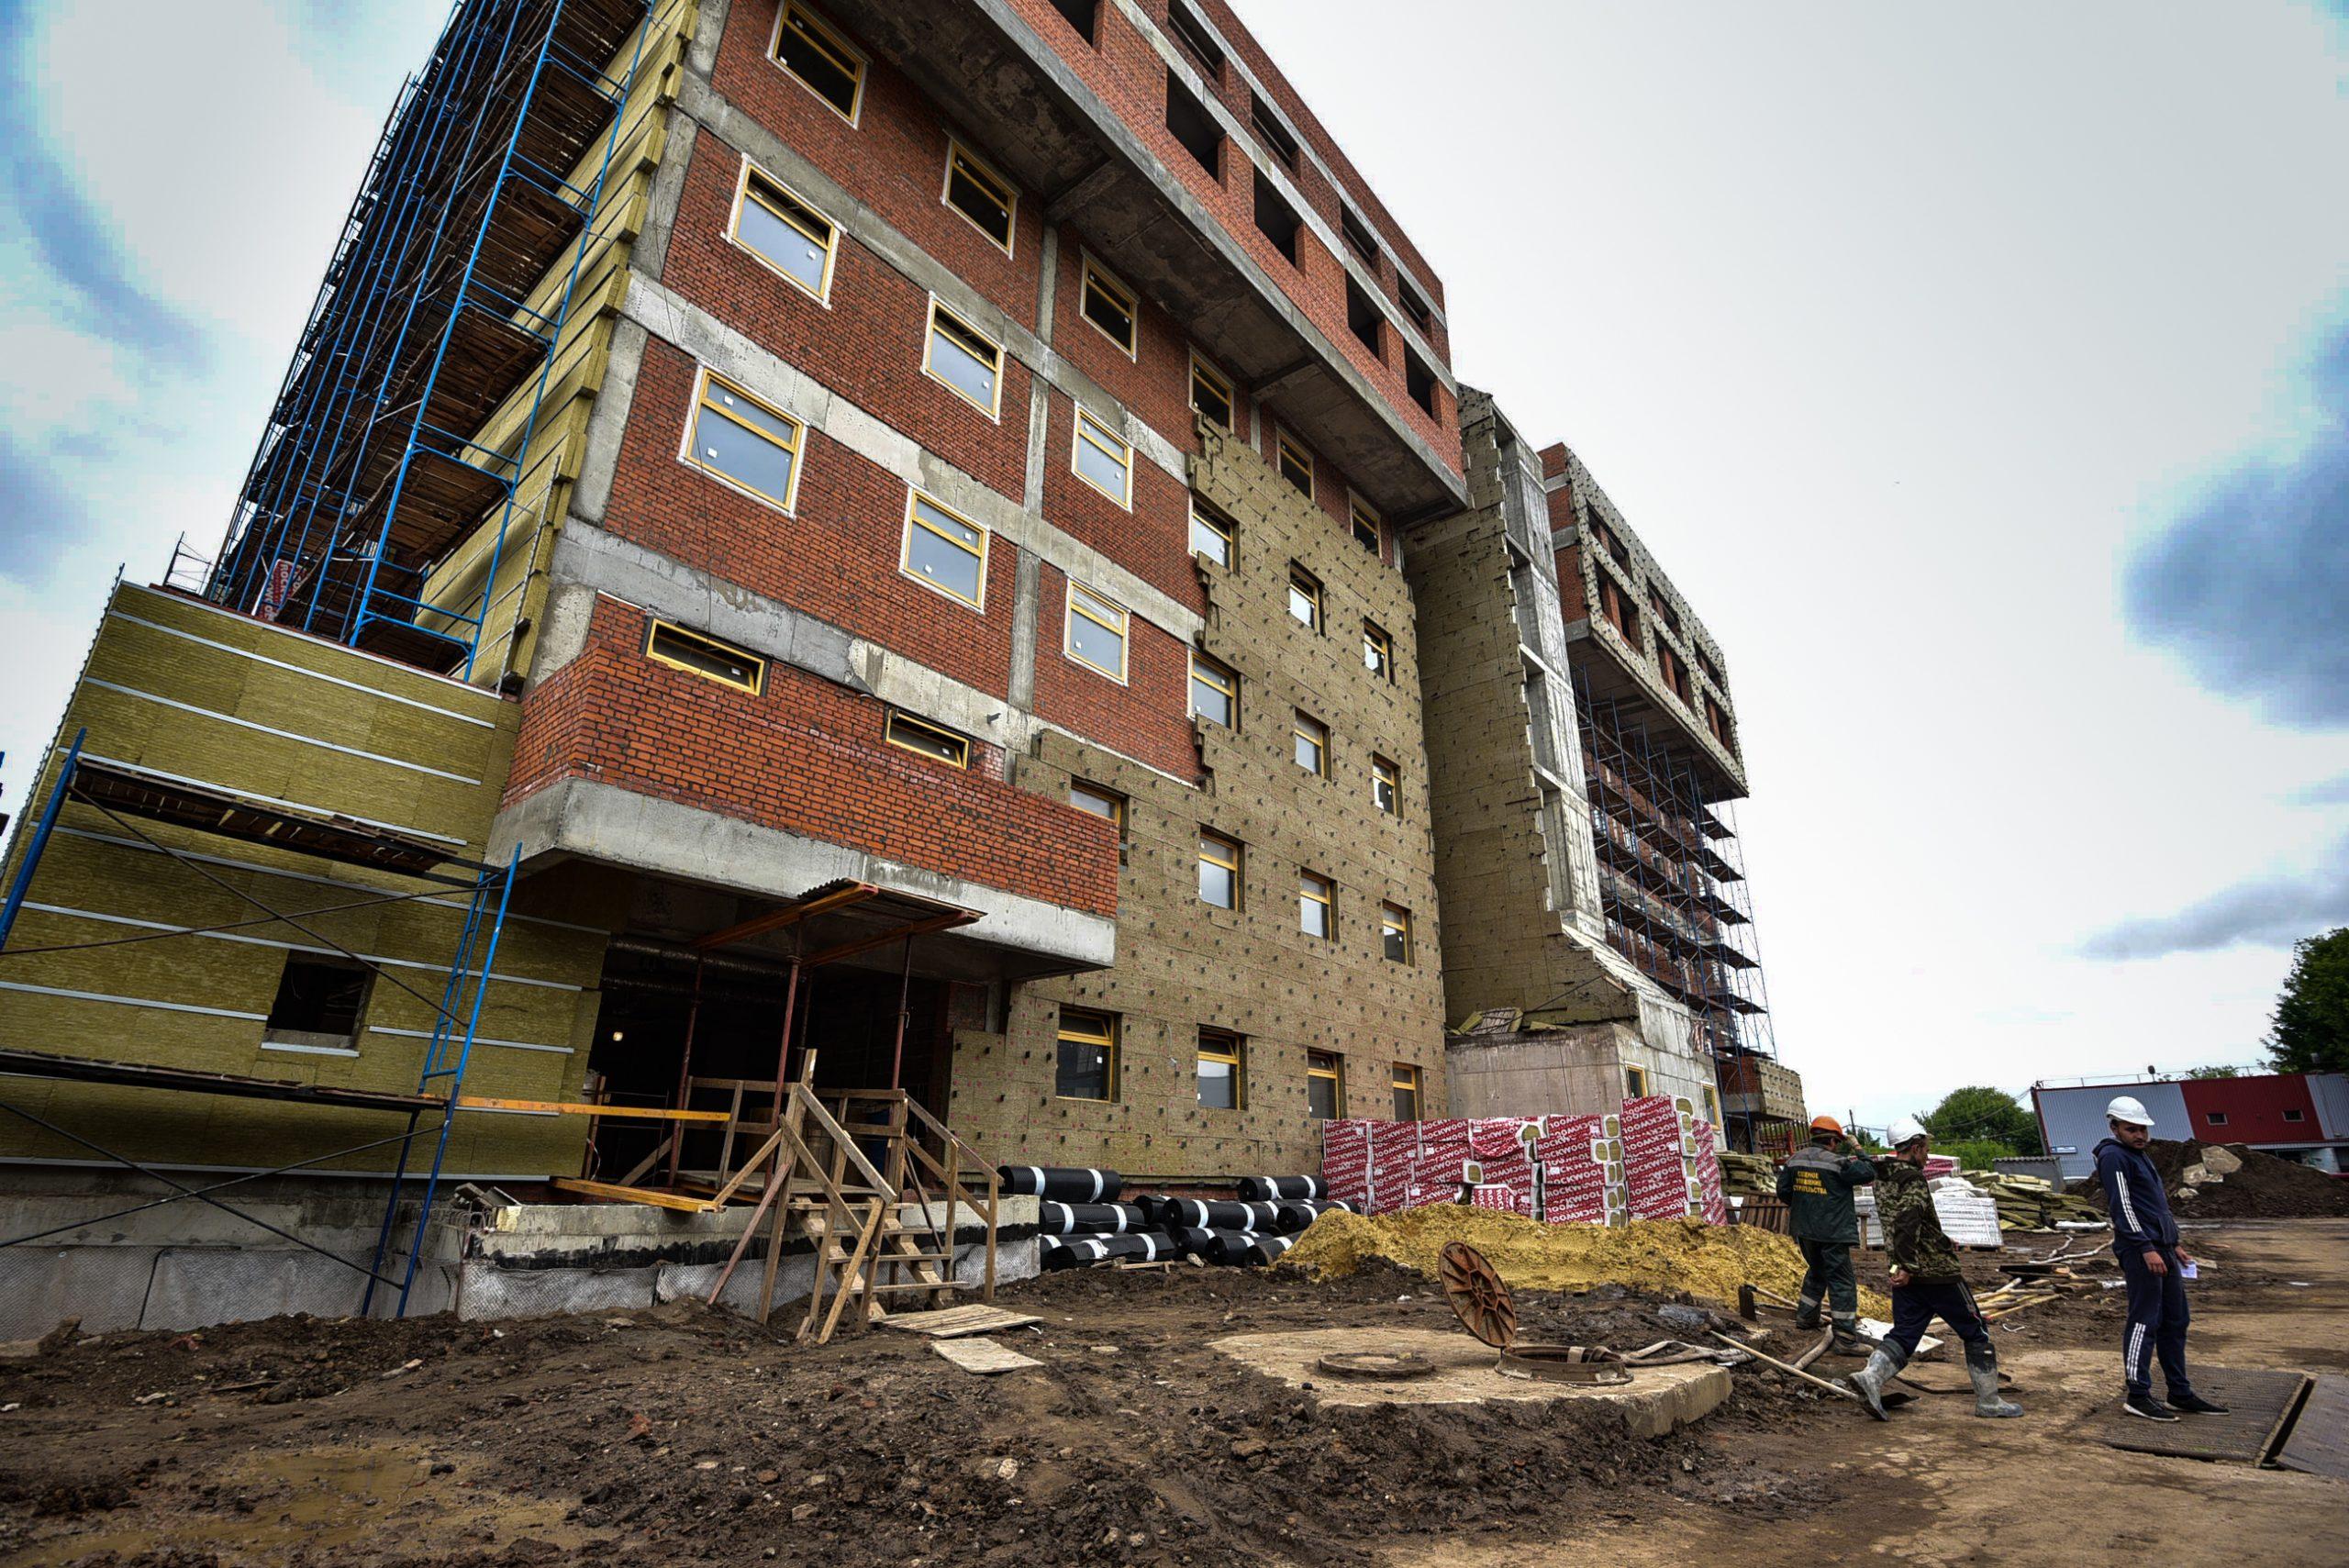 Детско-взрослую поликлинику планируют построить в Даниловском районе. Фото: Пелагия Замятина, «Вечерняя Москва»